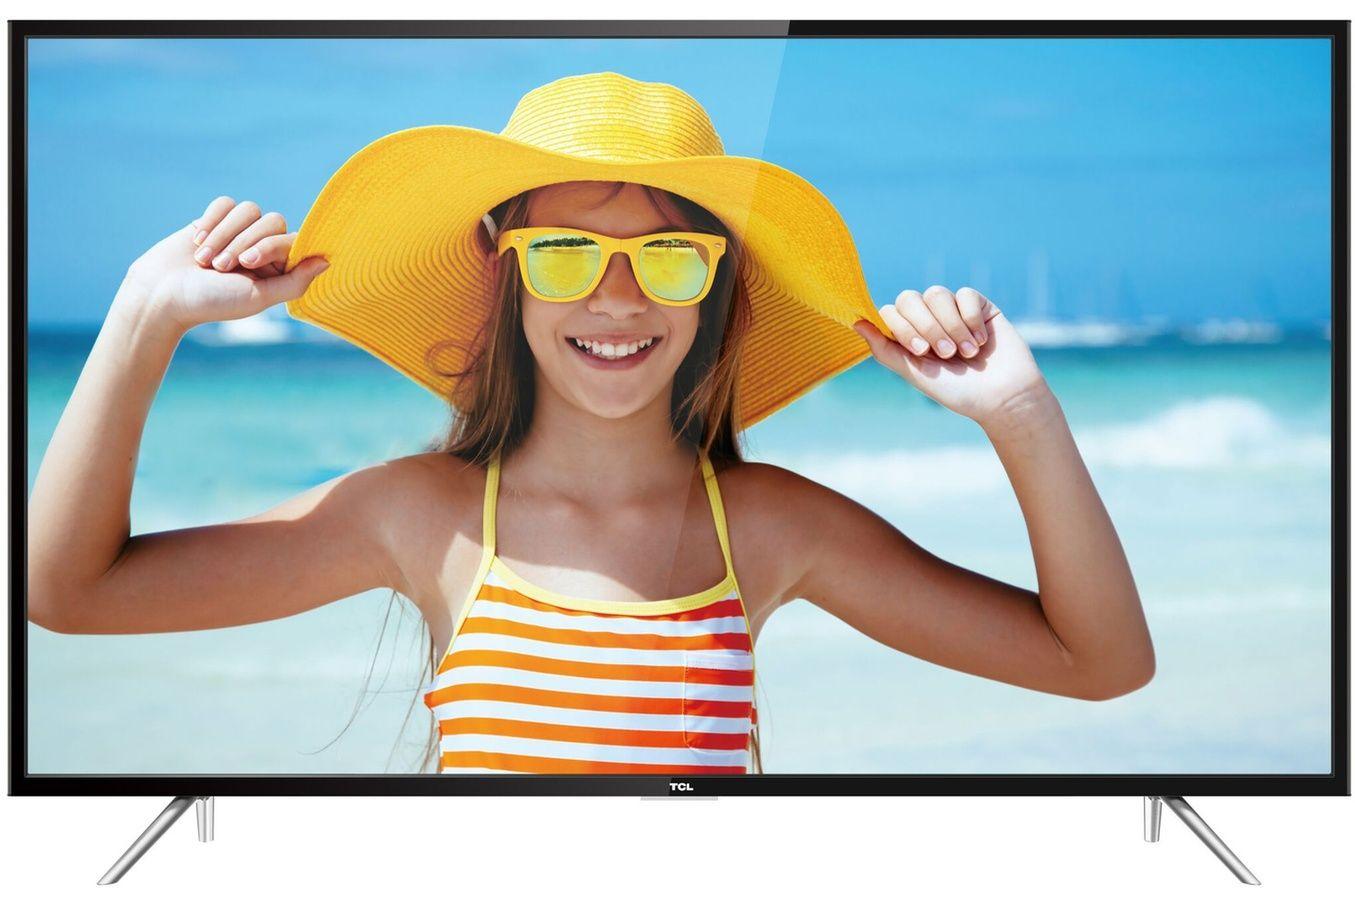 tv led tcl u55p6006 4k uhd pas cher t l viseur 4k darty ventes pas televiseur pas. Black Bedroom Furniture Sets. Home Design Ideas